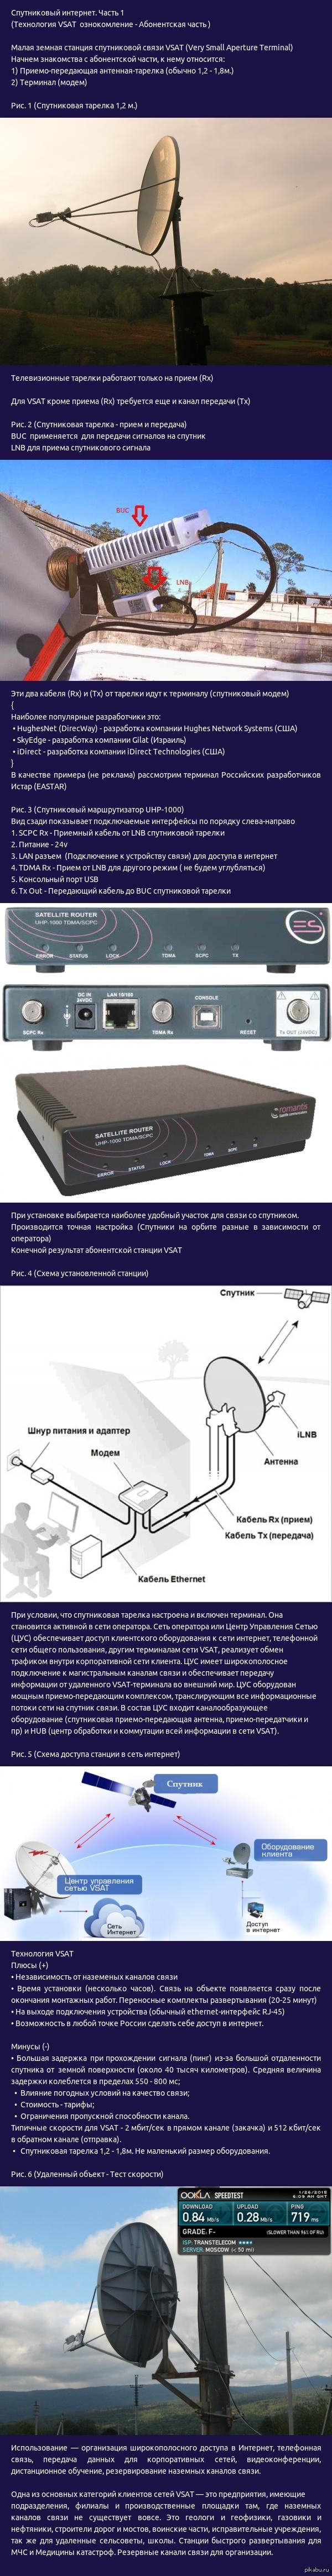 Спутниковый интернет VSAT Абонентская часть